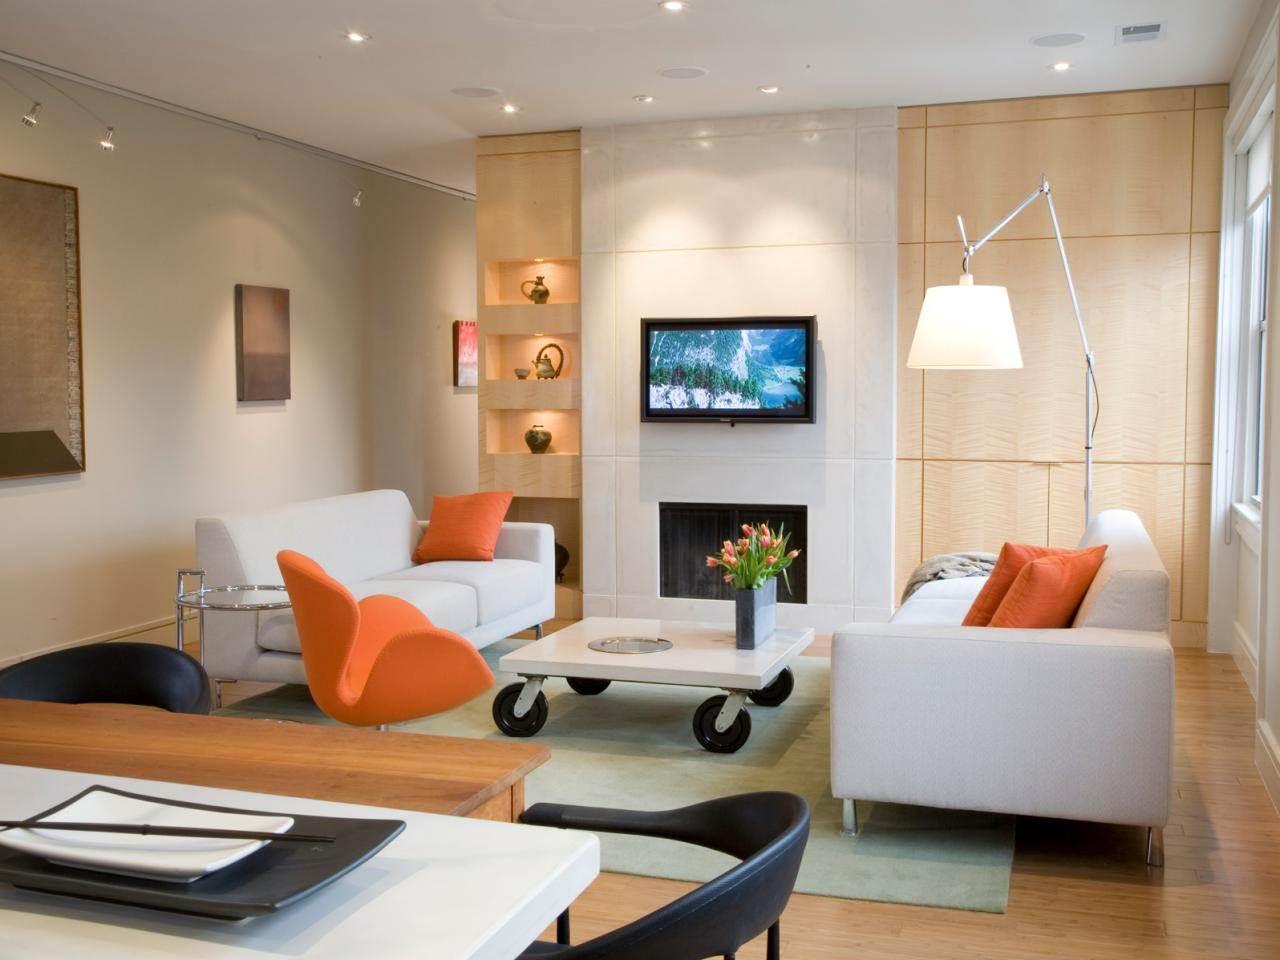 Торшер, точечное освещение и подсветка полок в интерьере гостиной